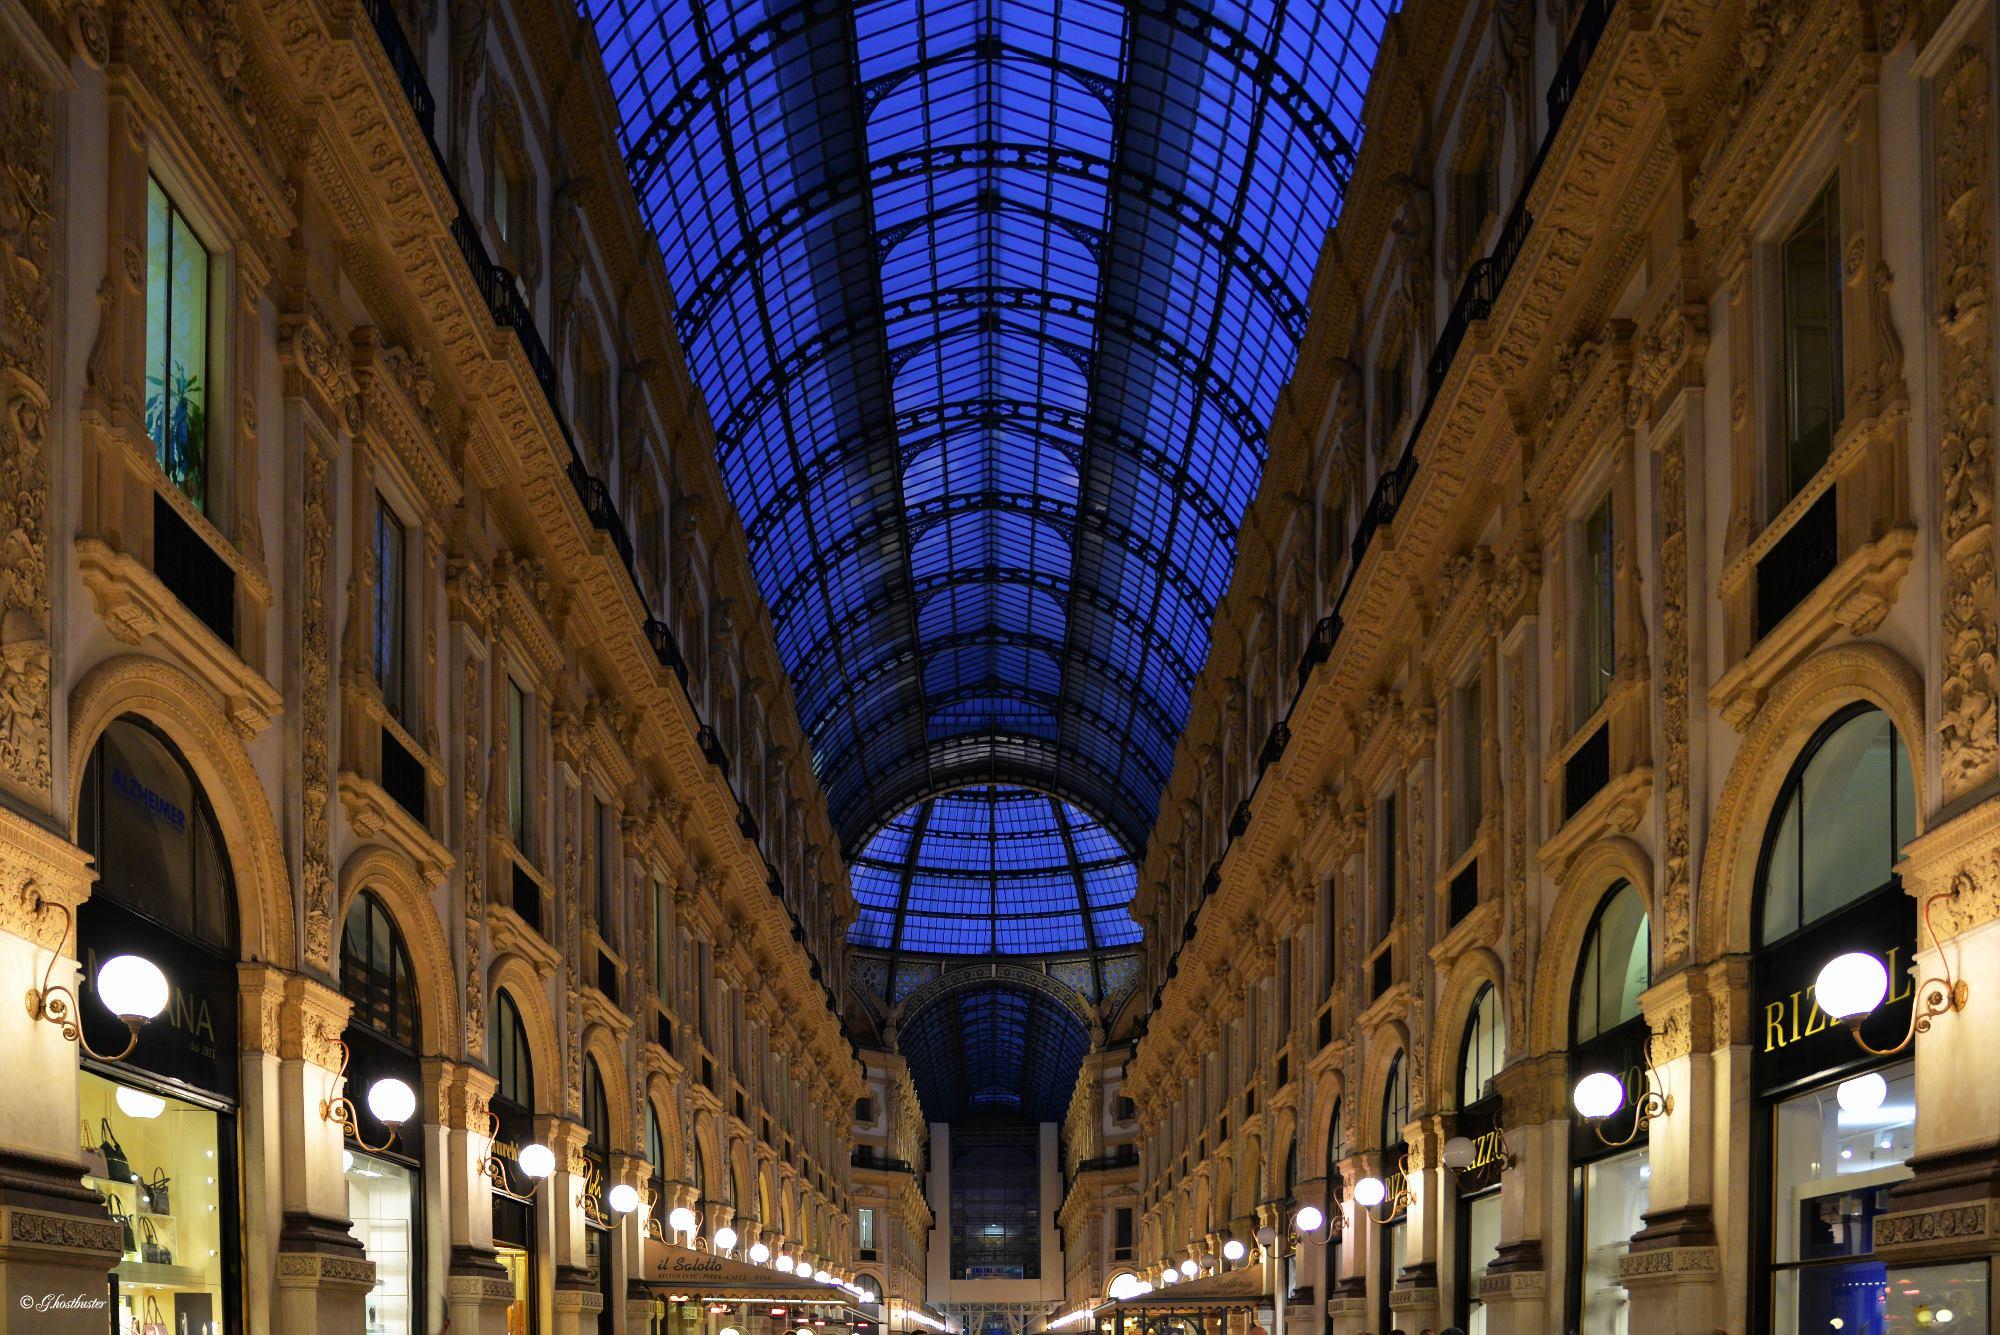 In questi gialli non viene raccontata solo la Milano luccicante e lussuosa, come quella ritratta qui dal bravissimo Luigi Alloni